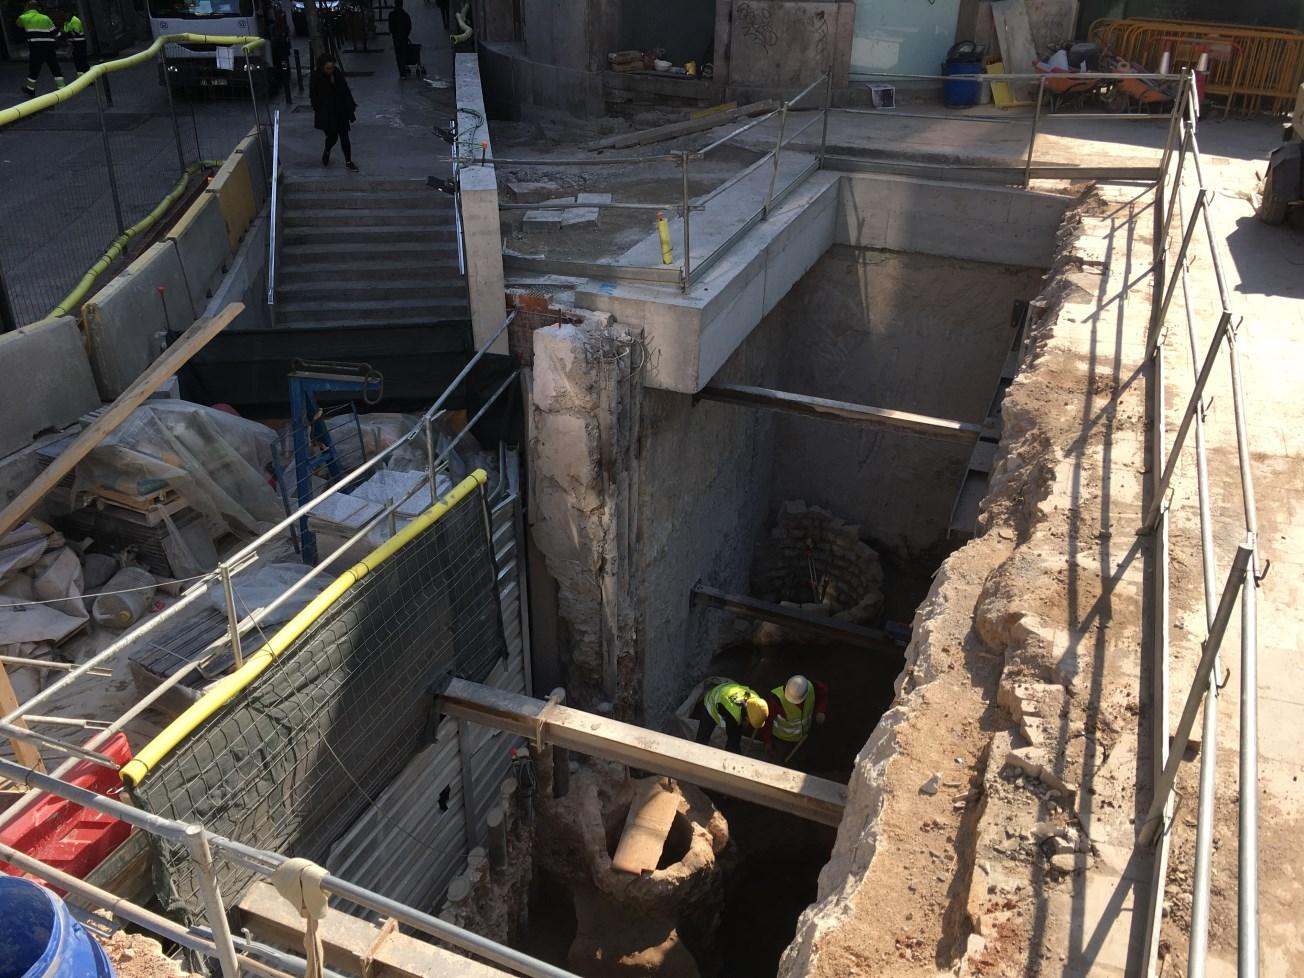 Espai de treball a la cruïlla de Via Laietana amb el carrer d'Argenteria. Foto: Joan Piera